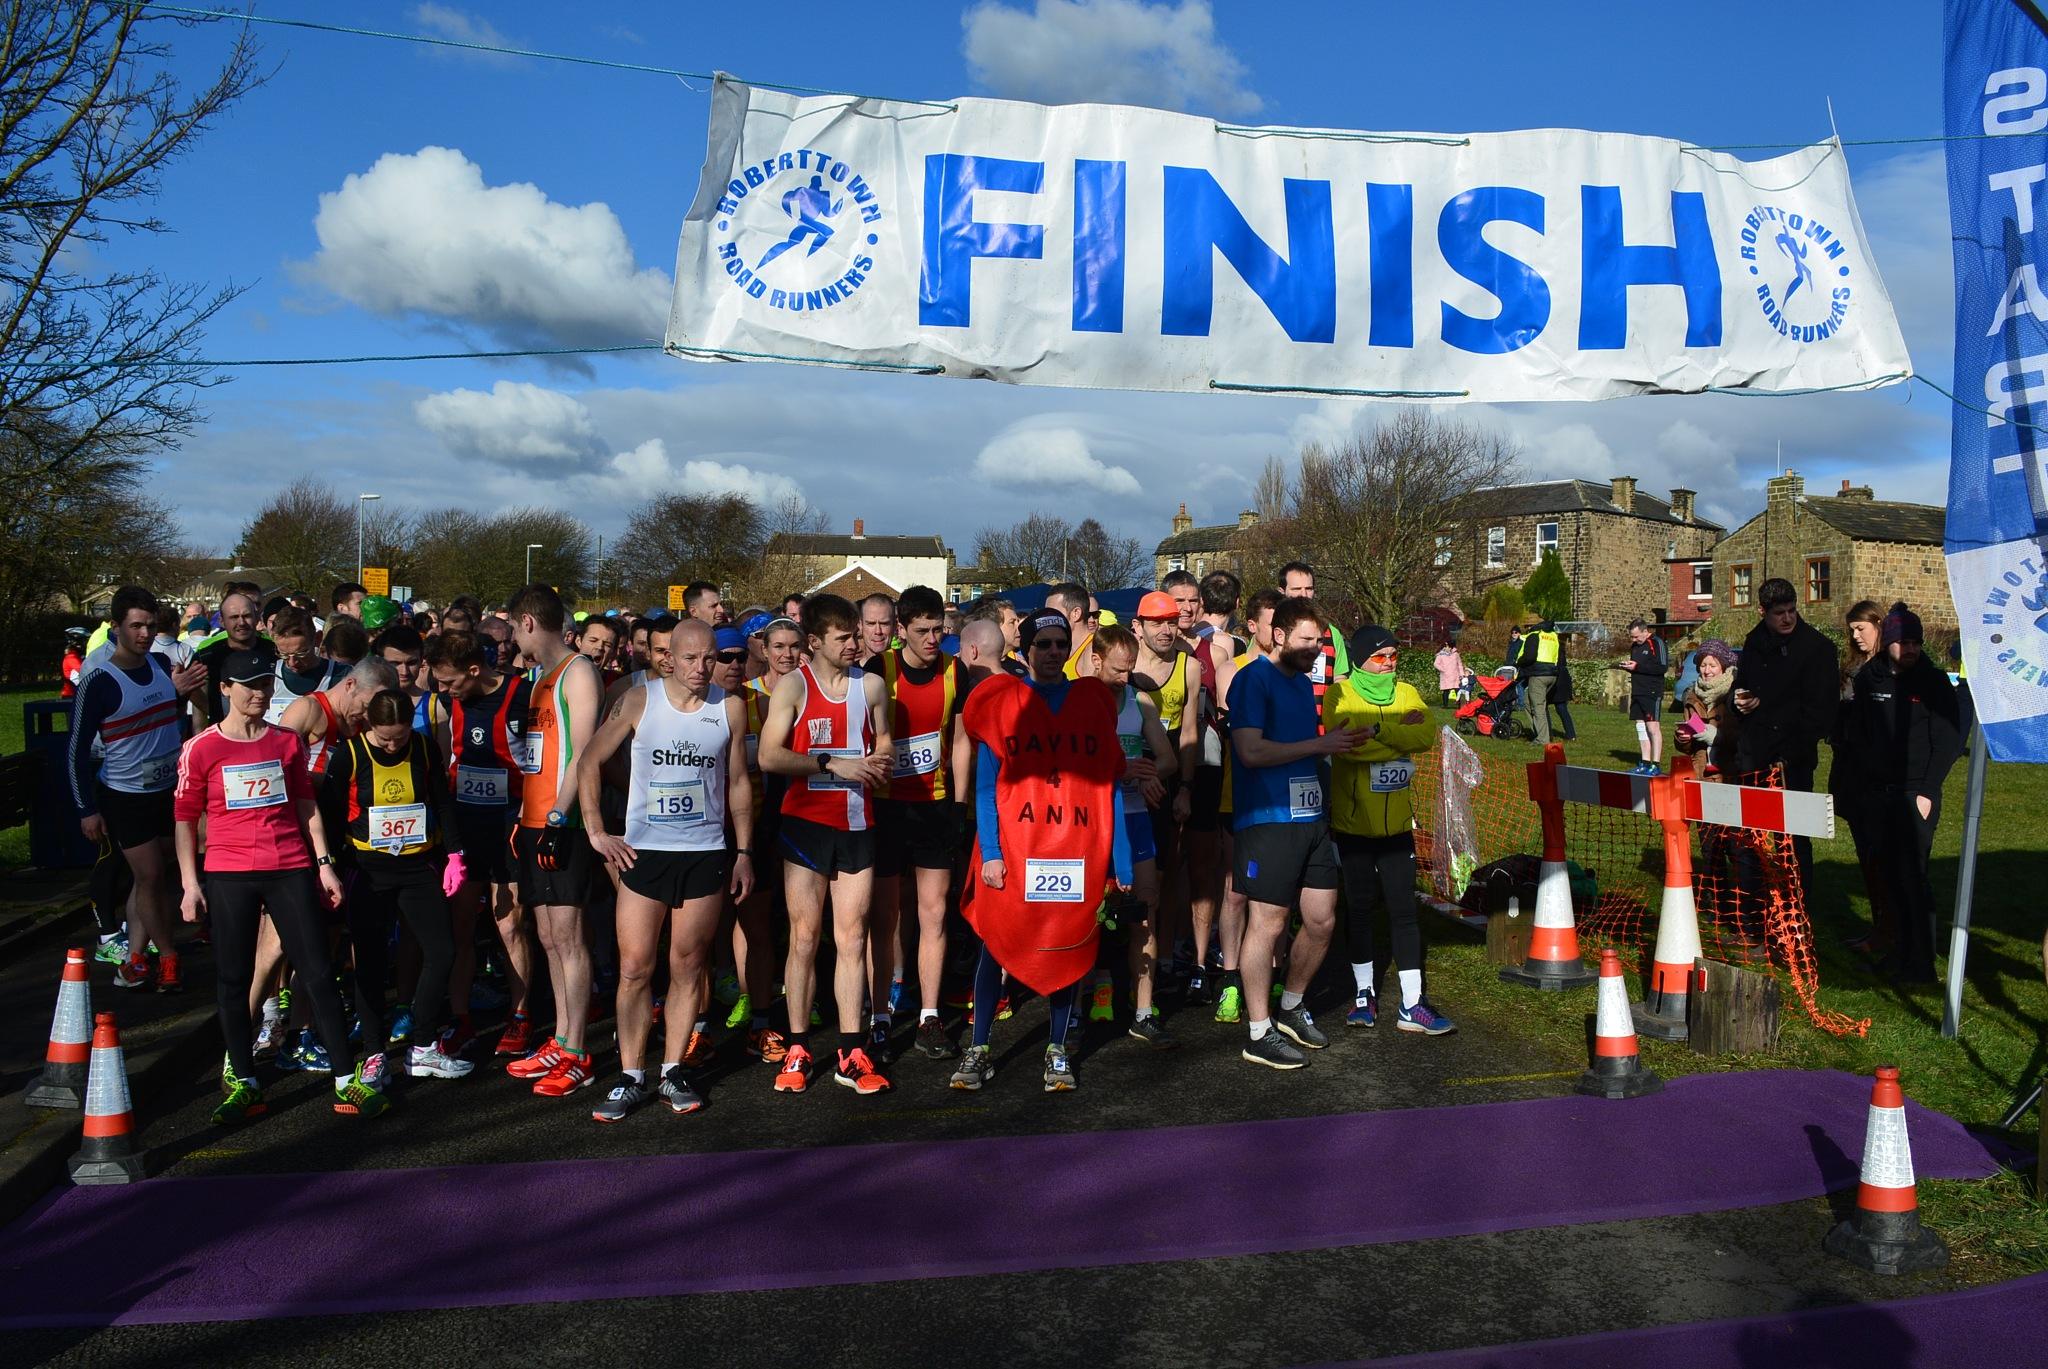 Liversedge Half Marathon by Mark Overend